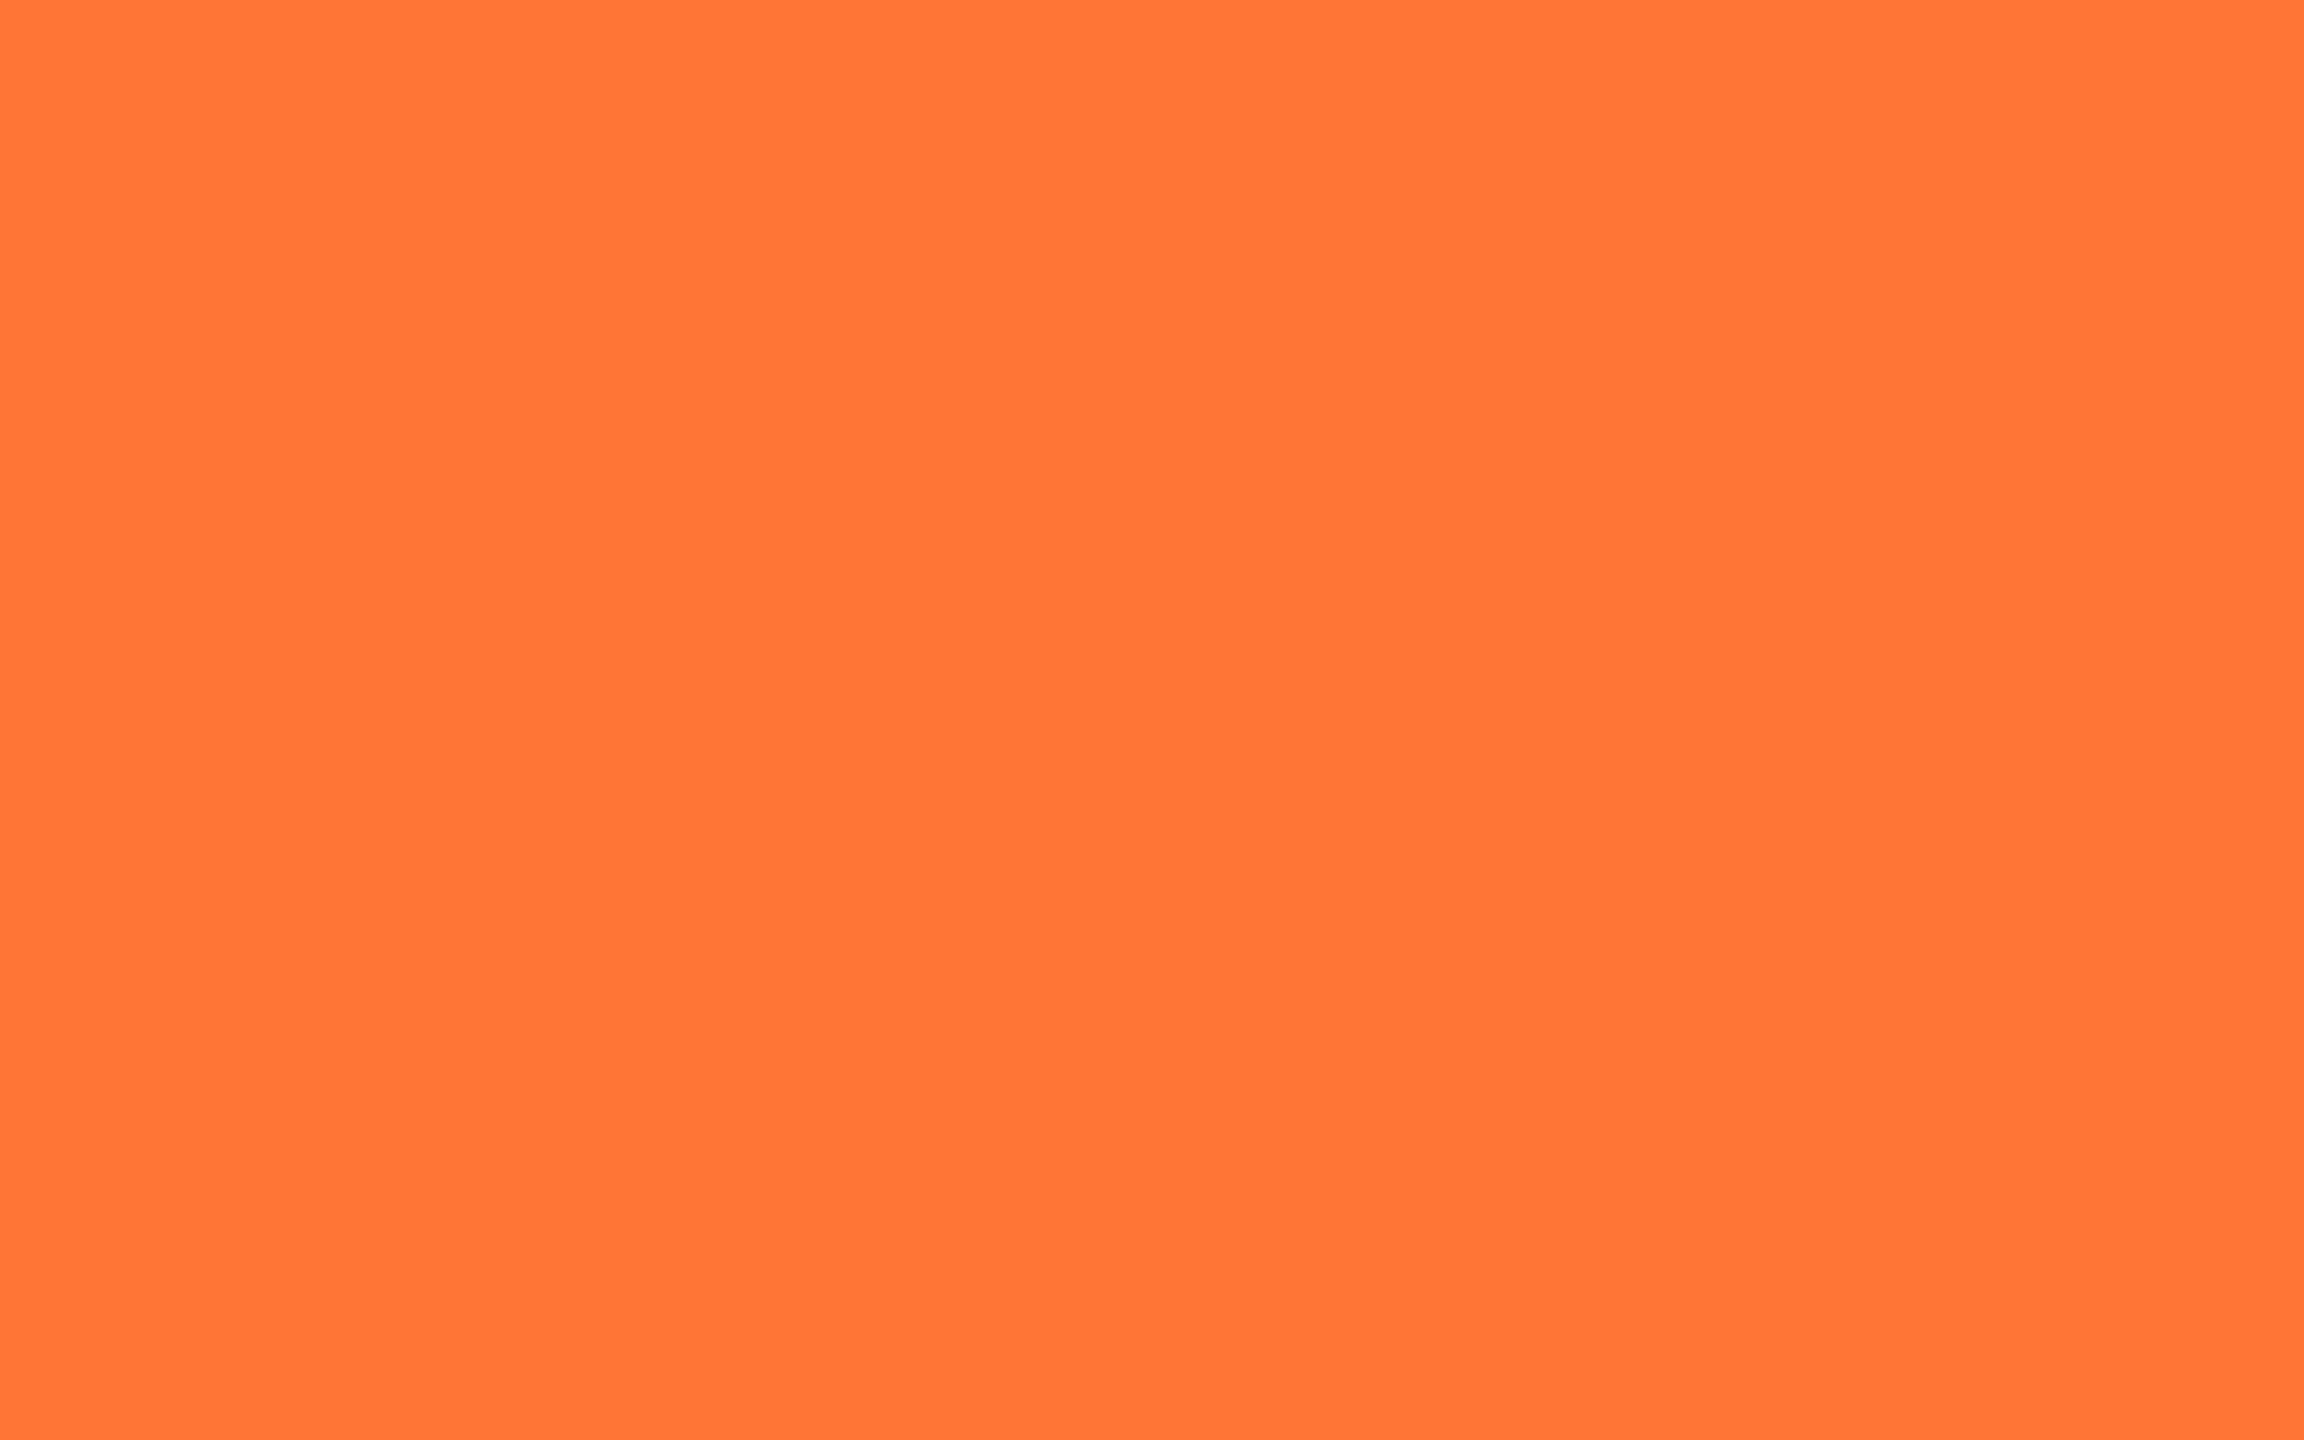 2304x1440 Orange Crayola Solid Color Background